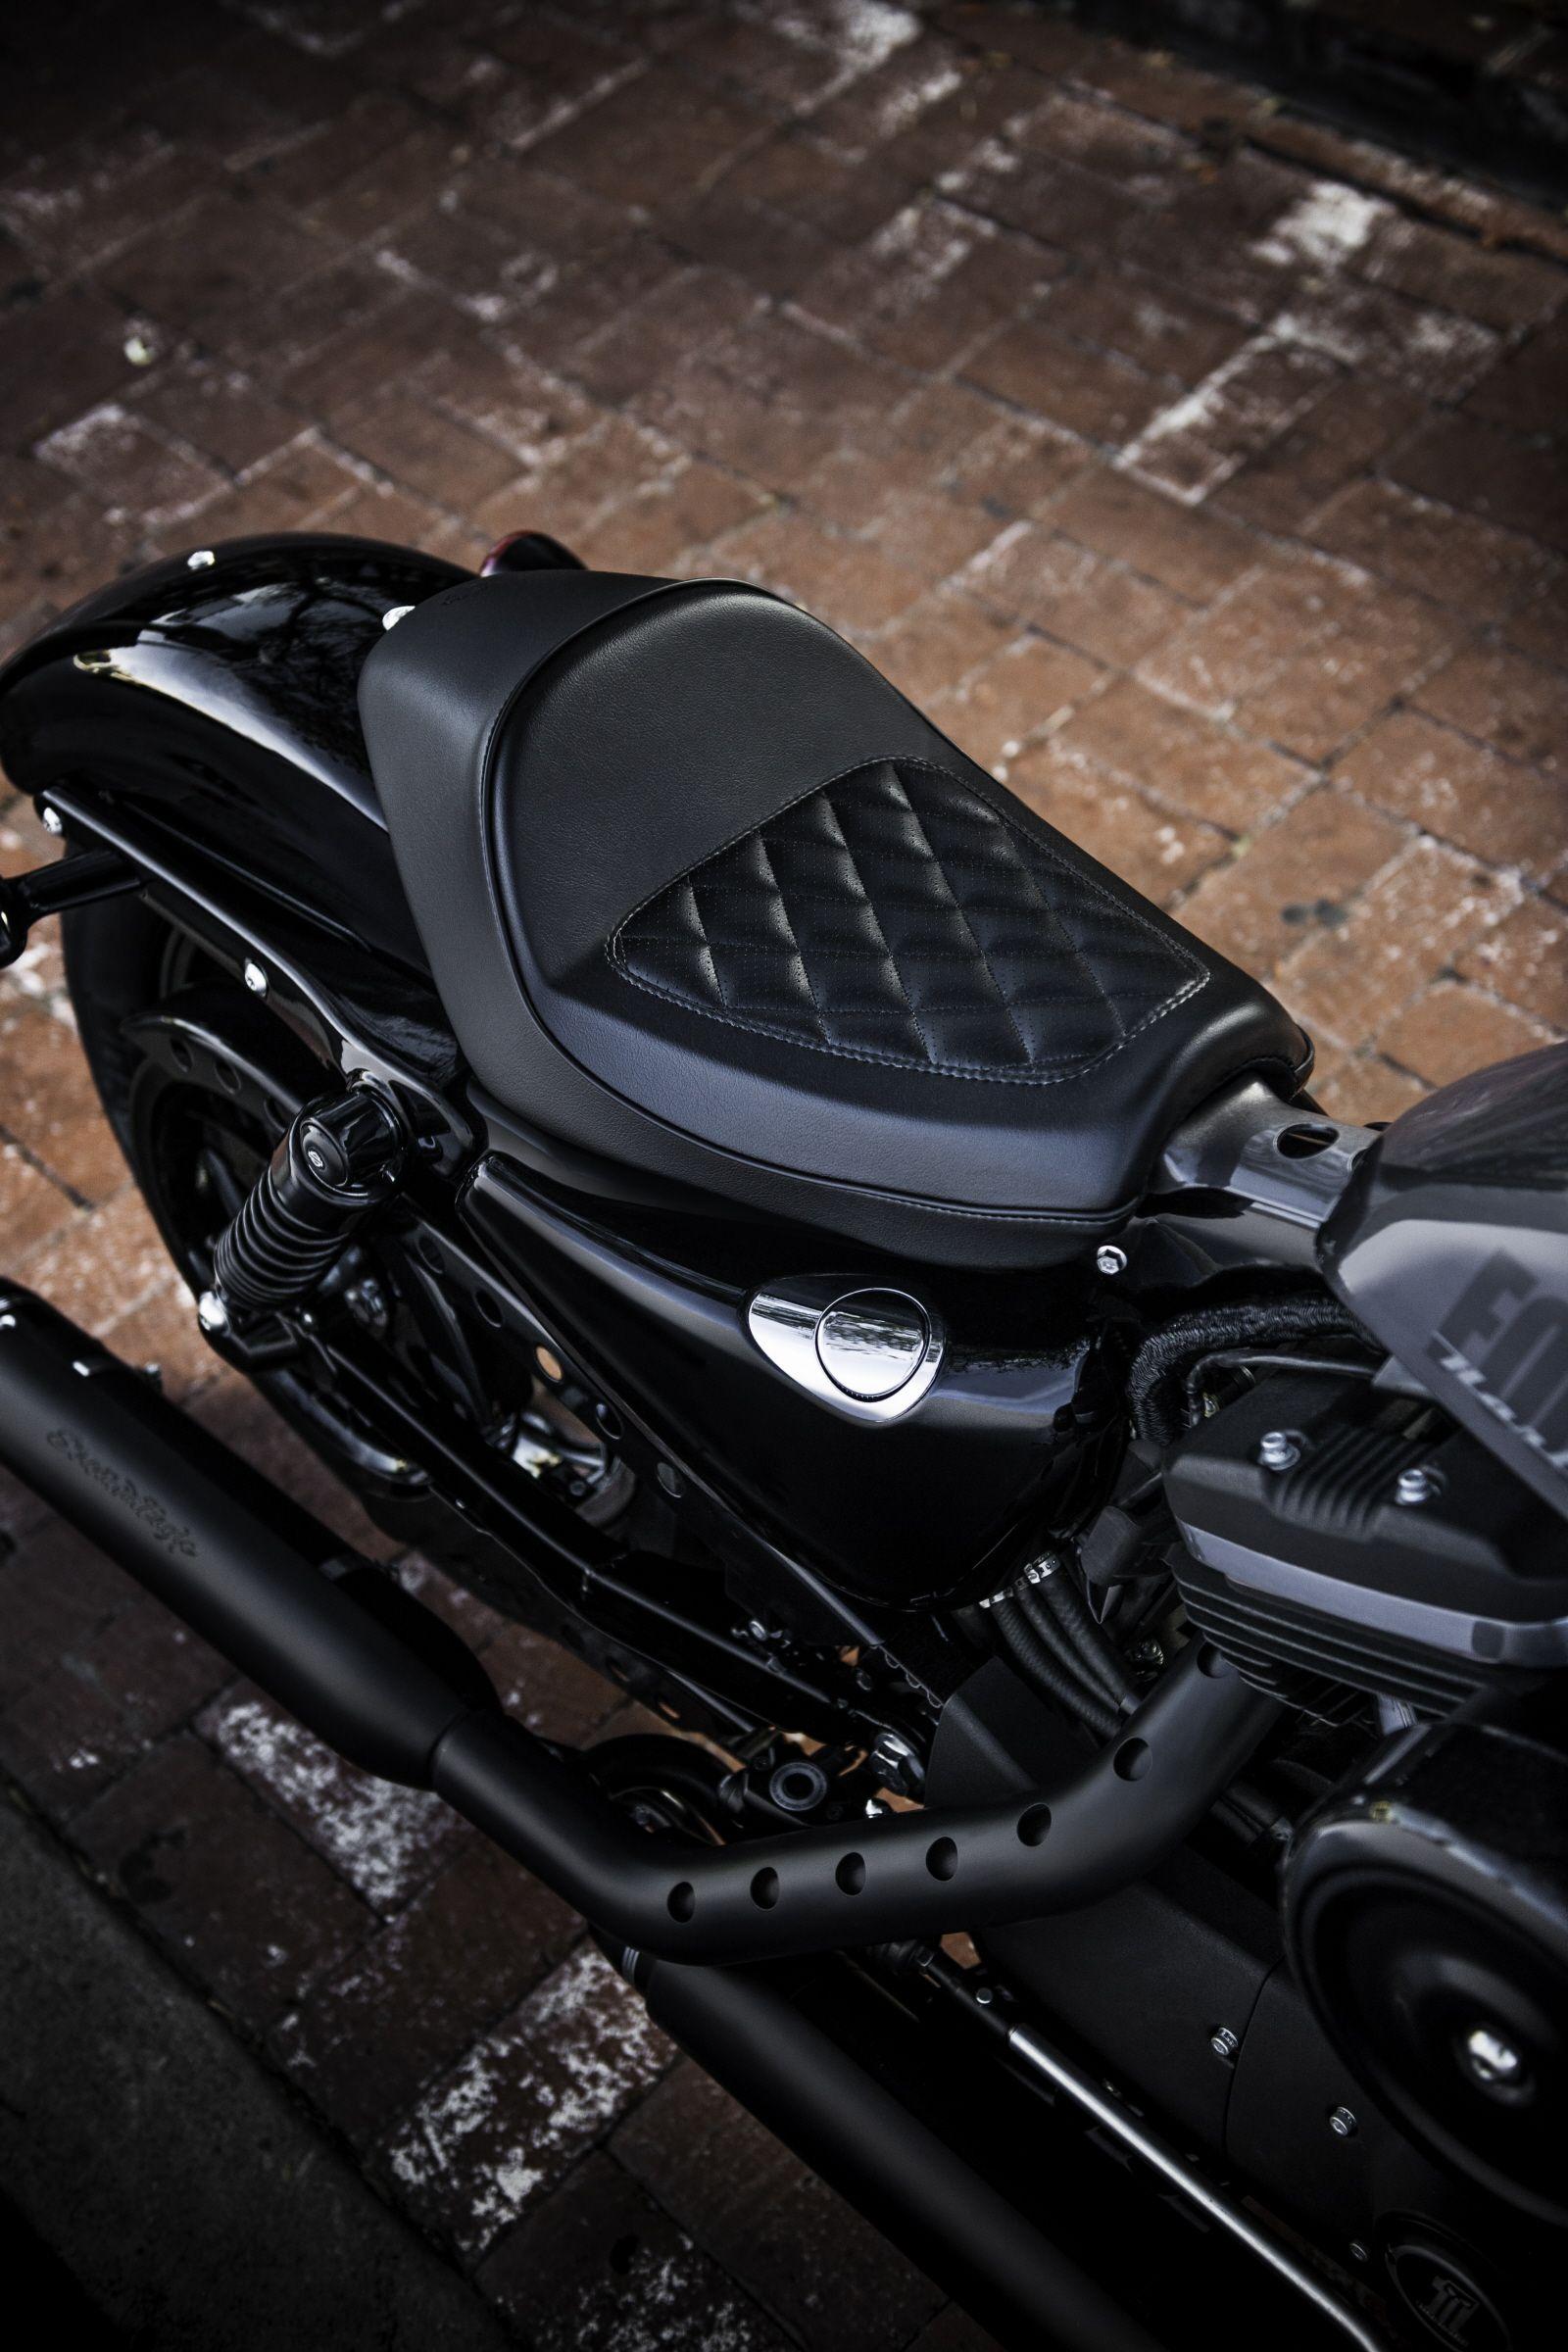 Motorcycle Seats Harley Davidson Seats Harley Davidson Motorcycles Harley Davidson Bikes